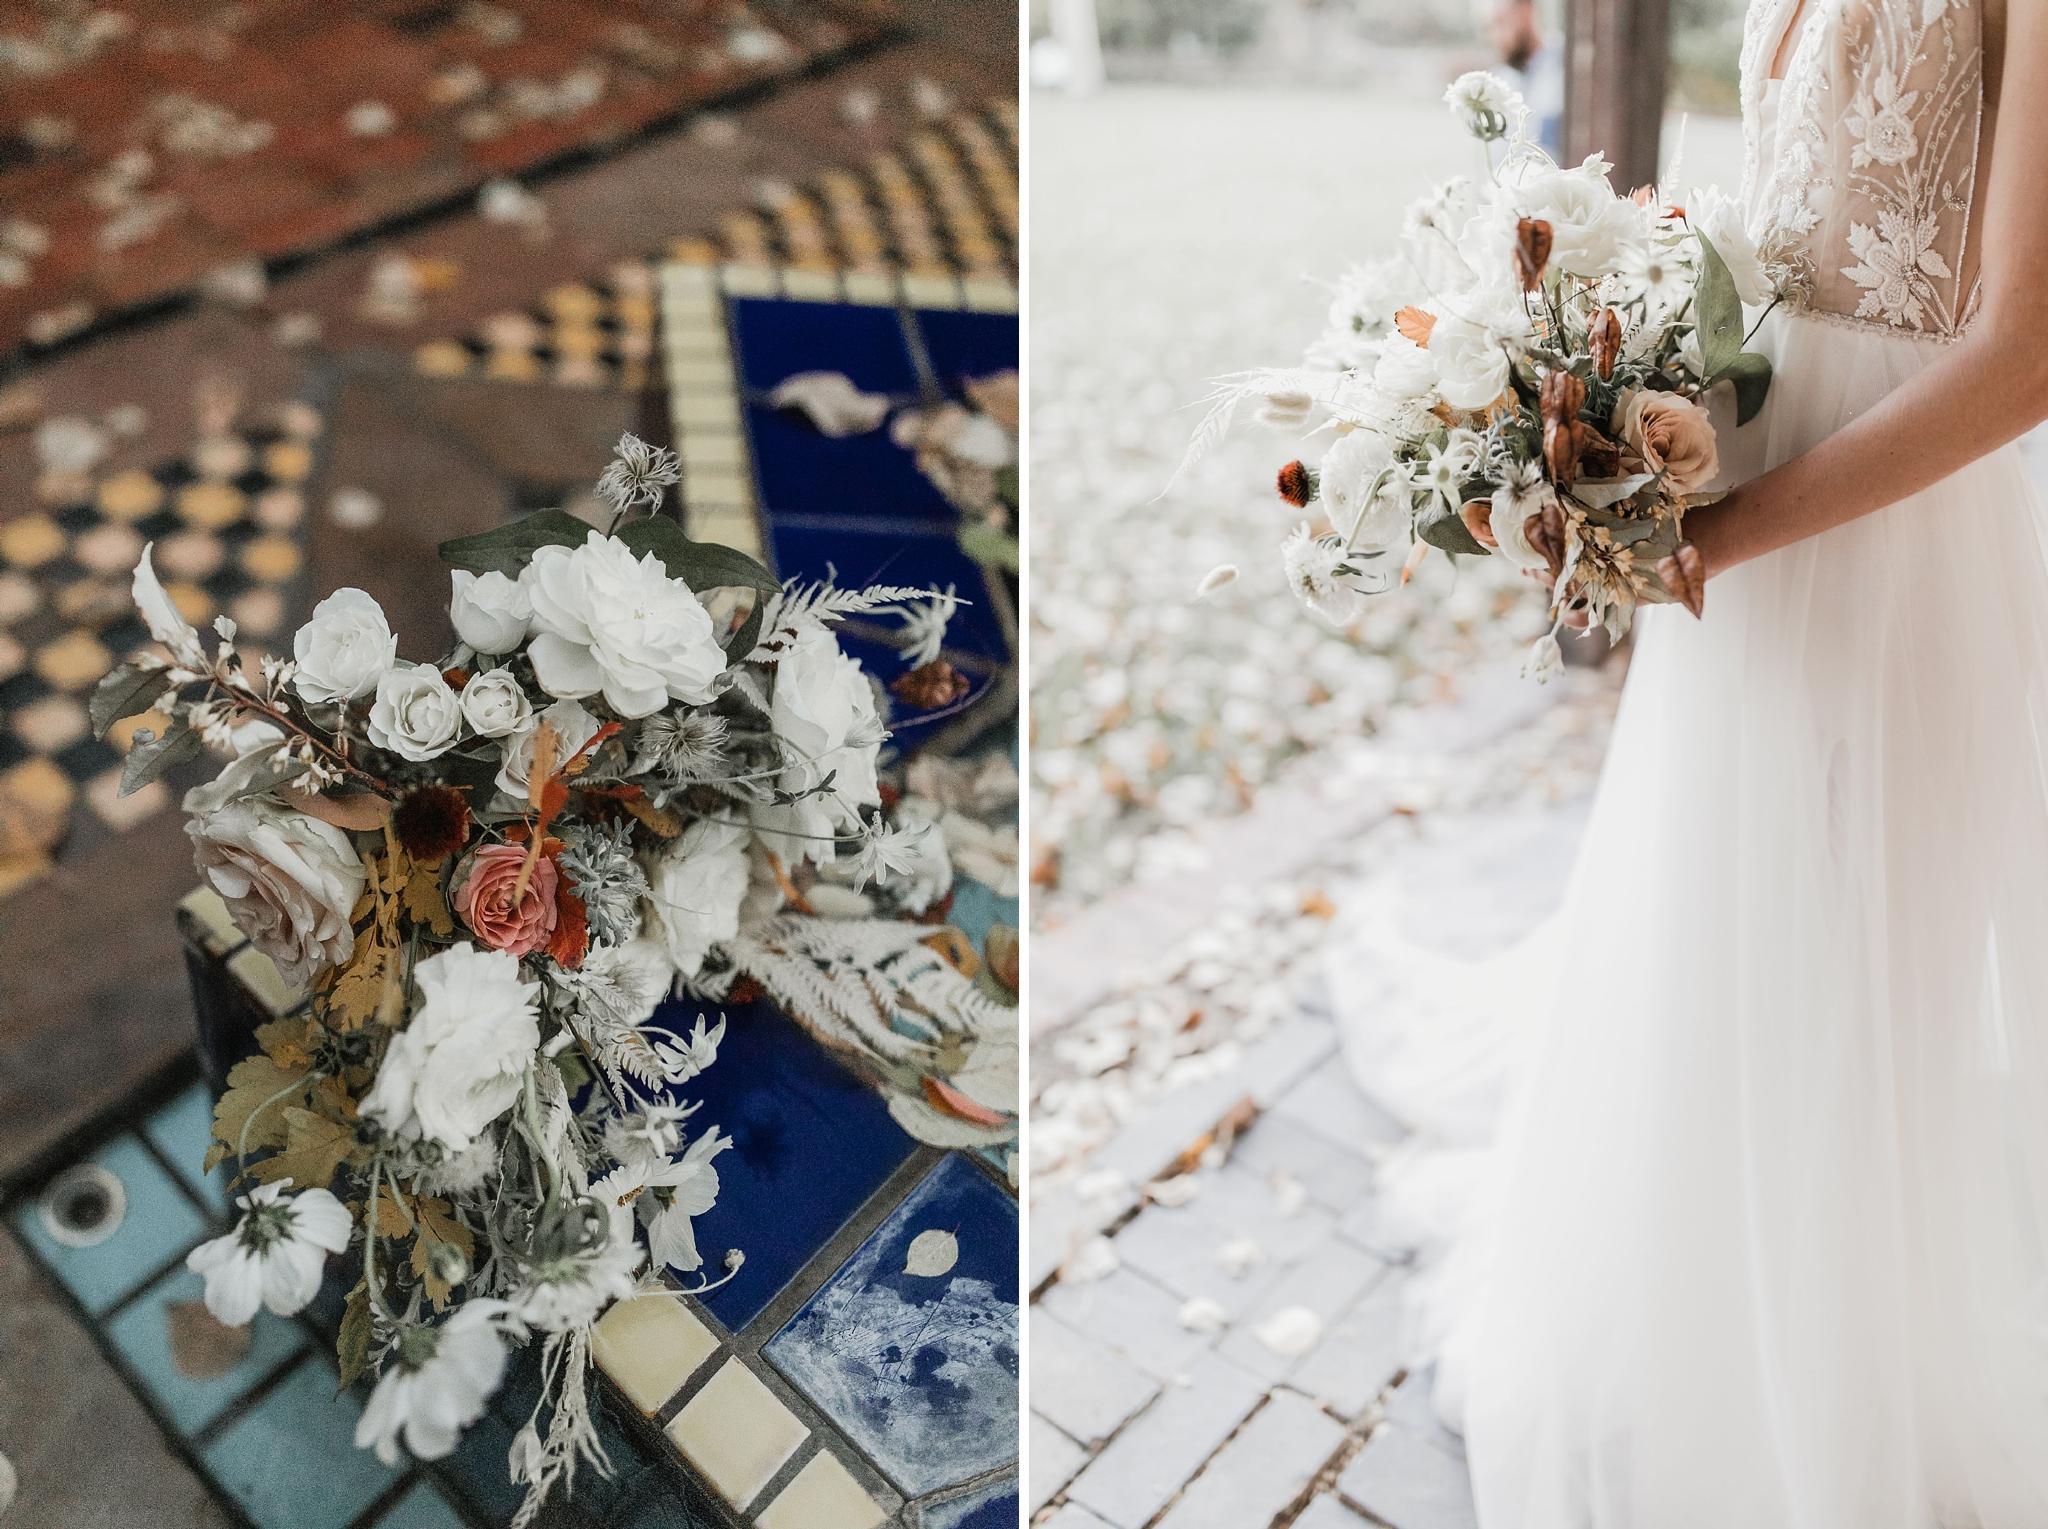 Alicia+lucia+photography+-+albuquerque+wedding+photographer+-+santa+fe+wedding+photography+-+new+mexico+wedding+photographer+-+new+mexico+wedding+-+new+mexico+florist+-+floriography+flowers+-+floriography+flowers+new+mexico+-+wedding+florist_0004.jpg